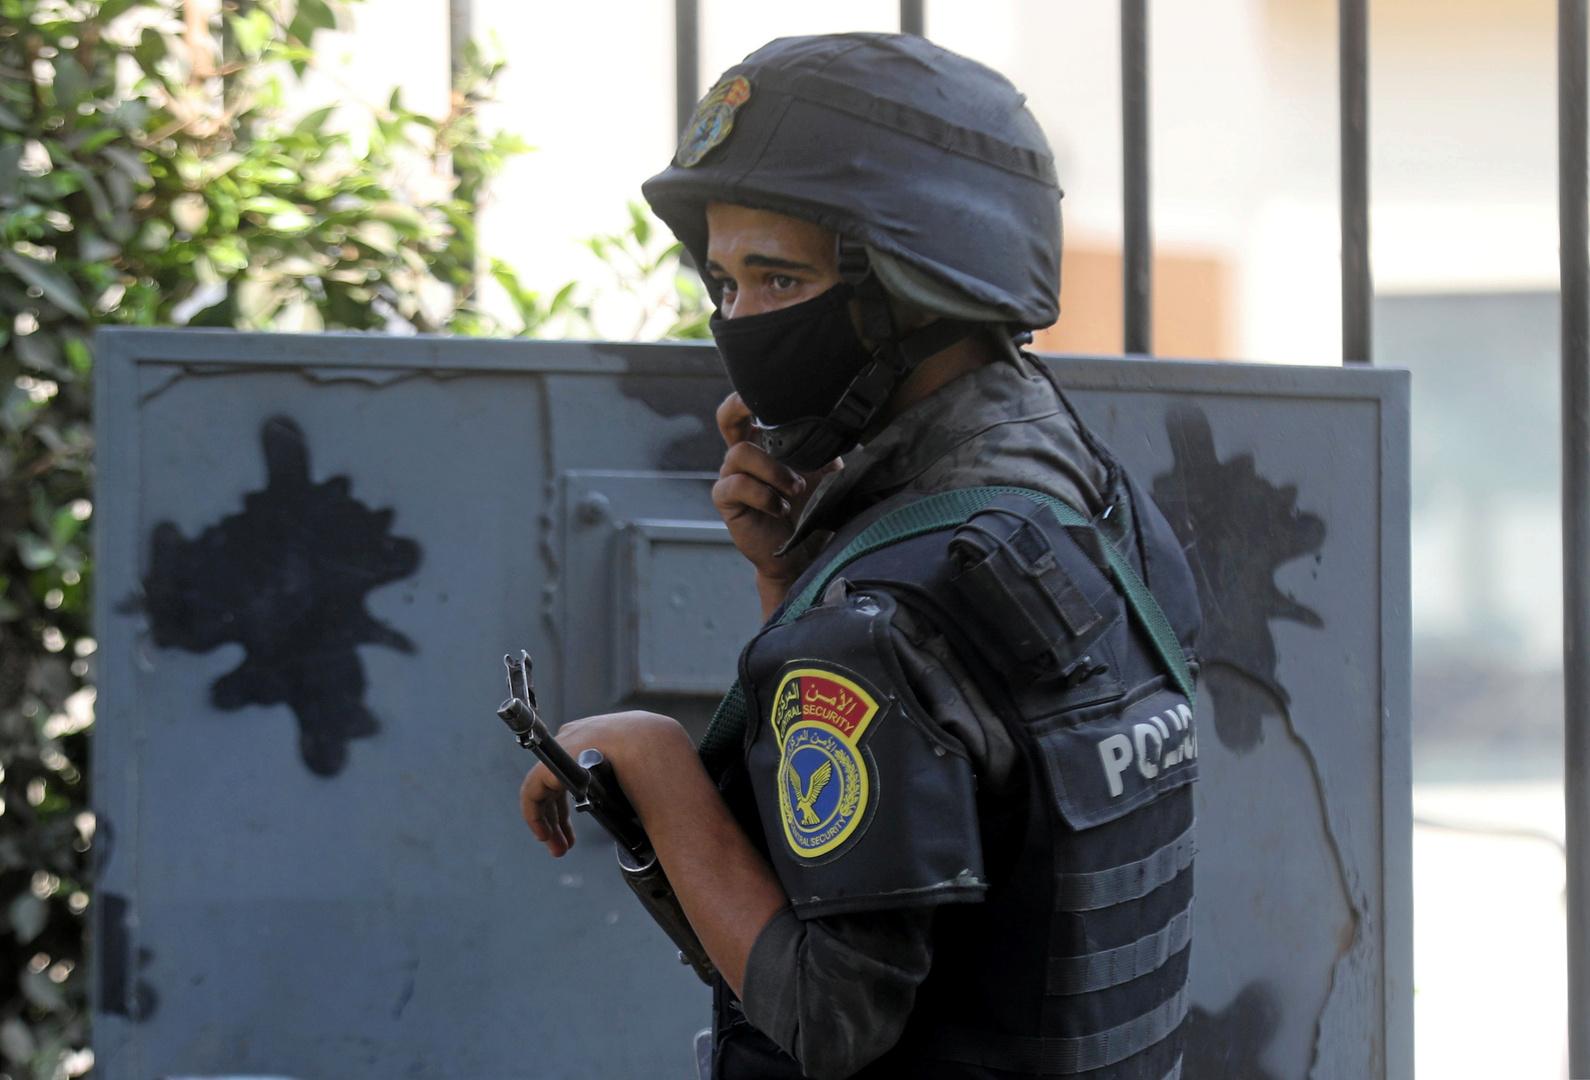 السلطات المصرية تلقي القبض على رجل الأعمال صلاح دياب